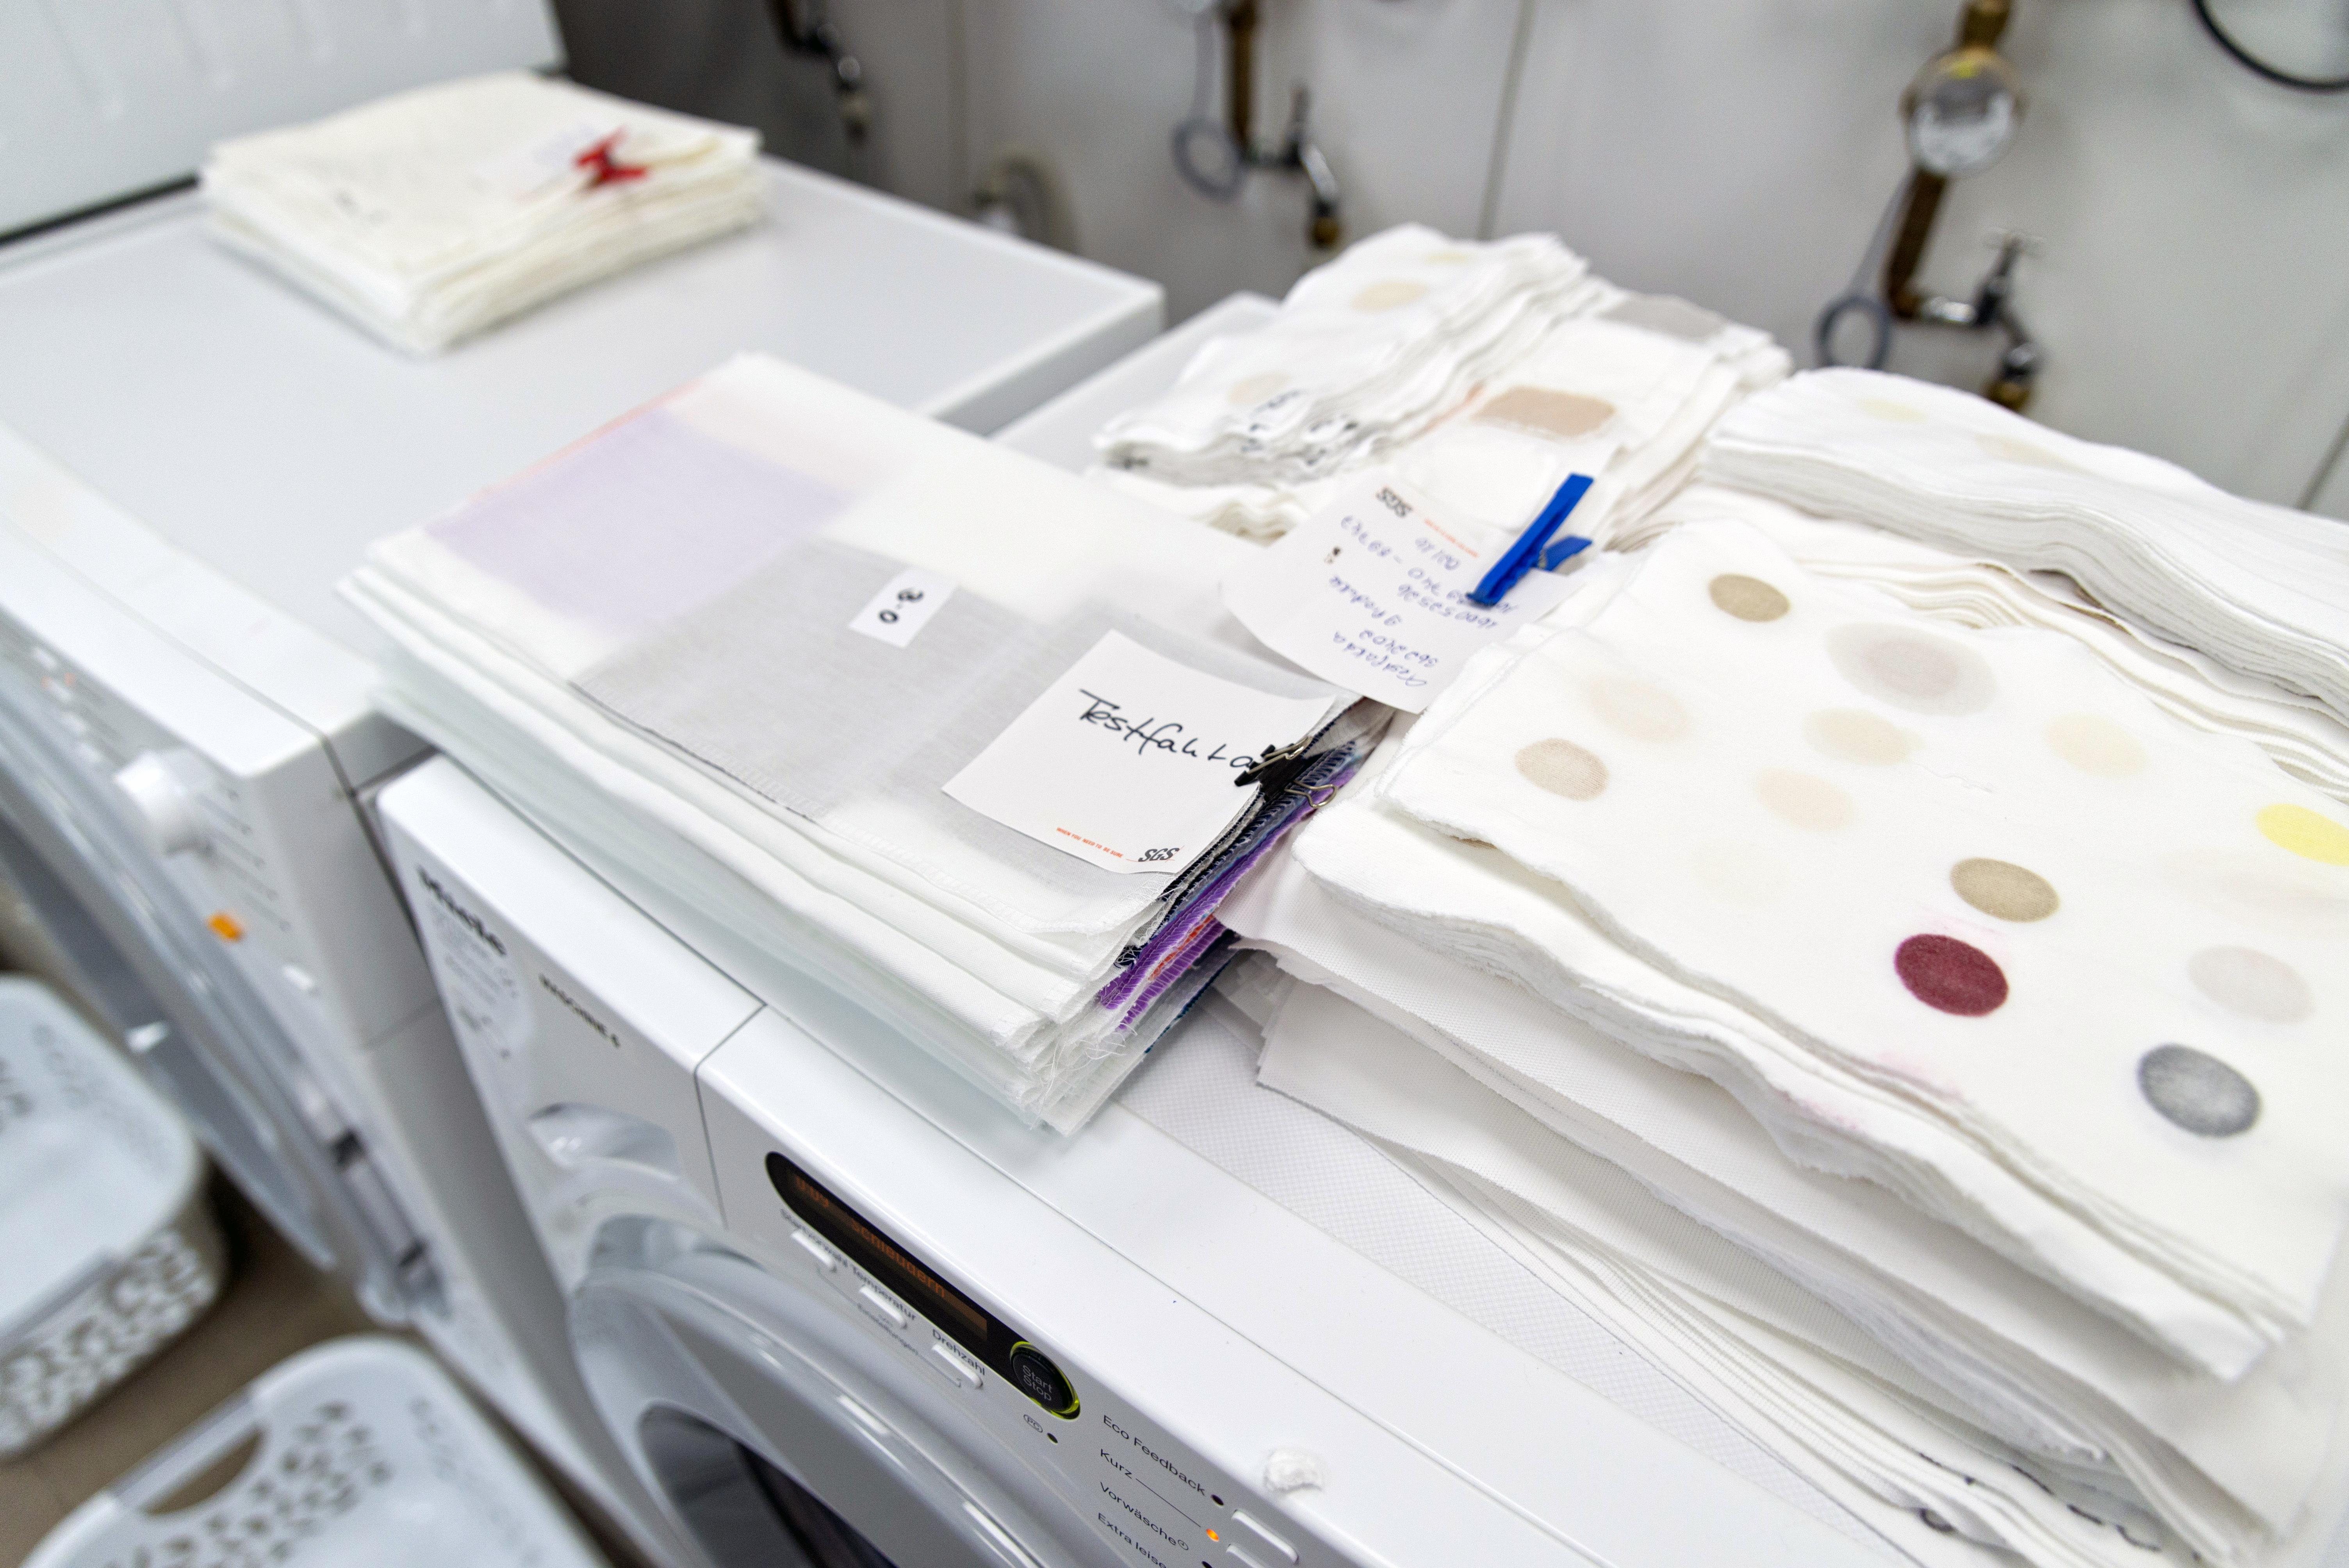 Im Test wurden Standardflecken von Warwick Equest auf Baumwollstoff verwendet. Foto: Tobias Meyer